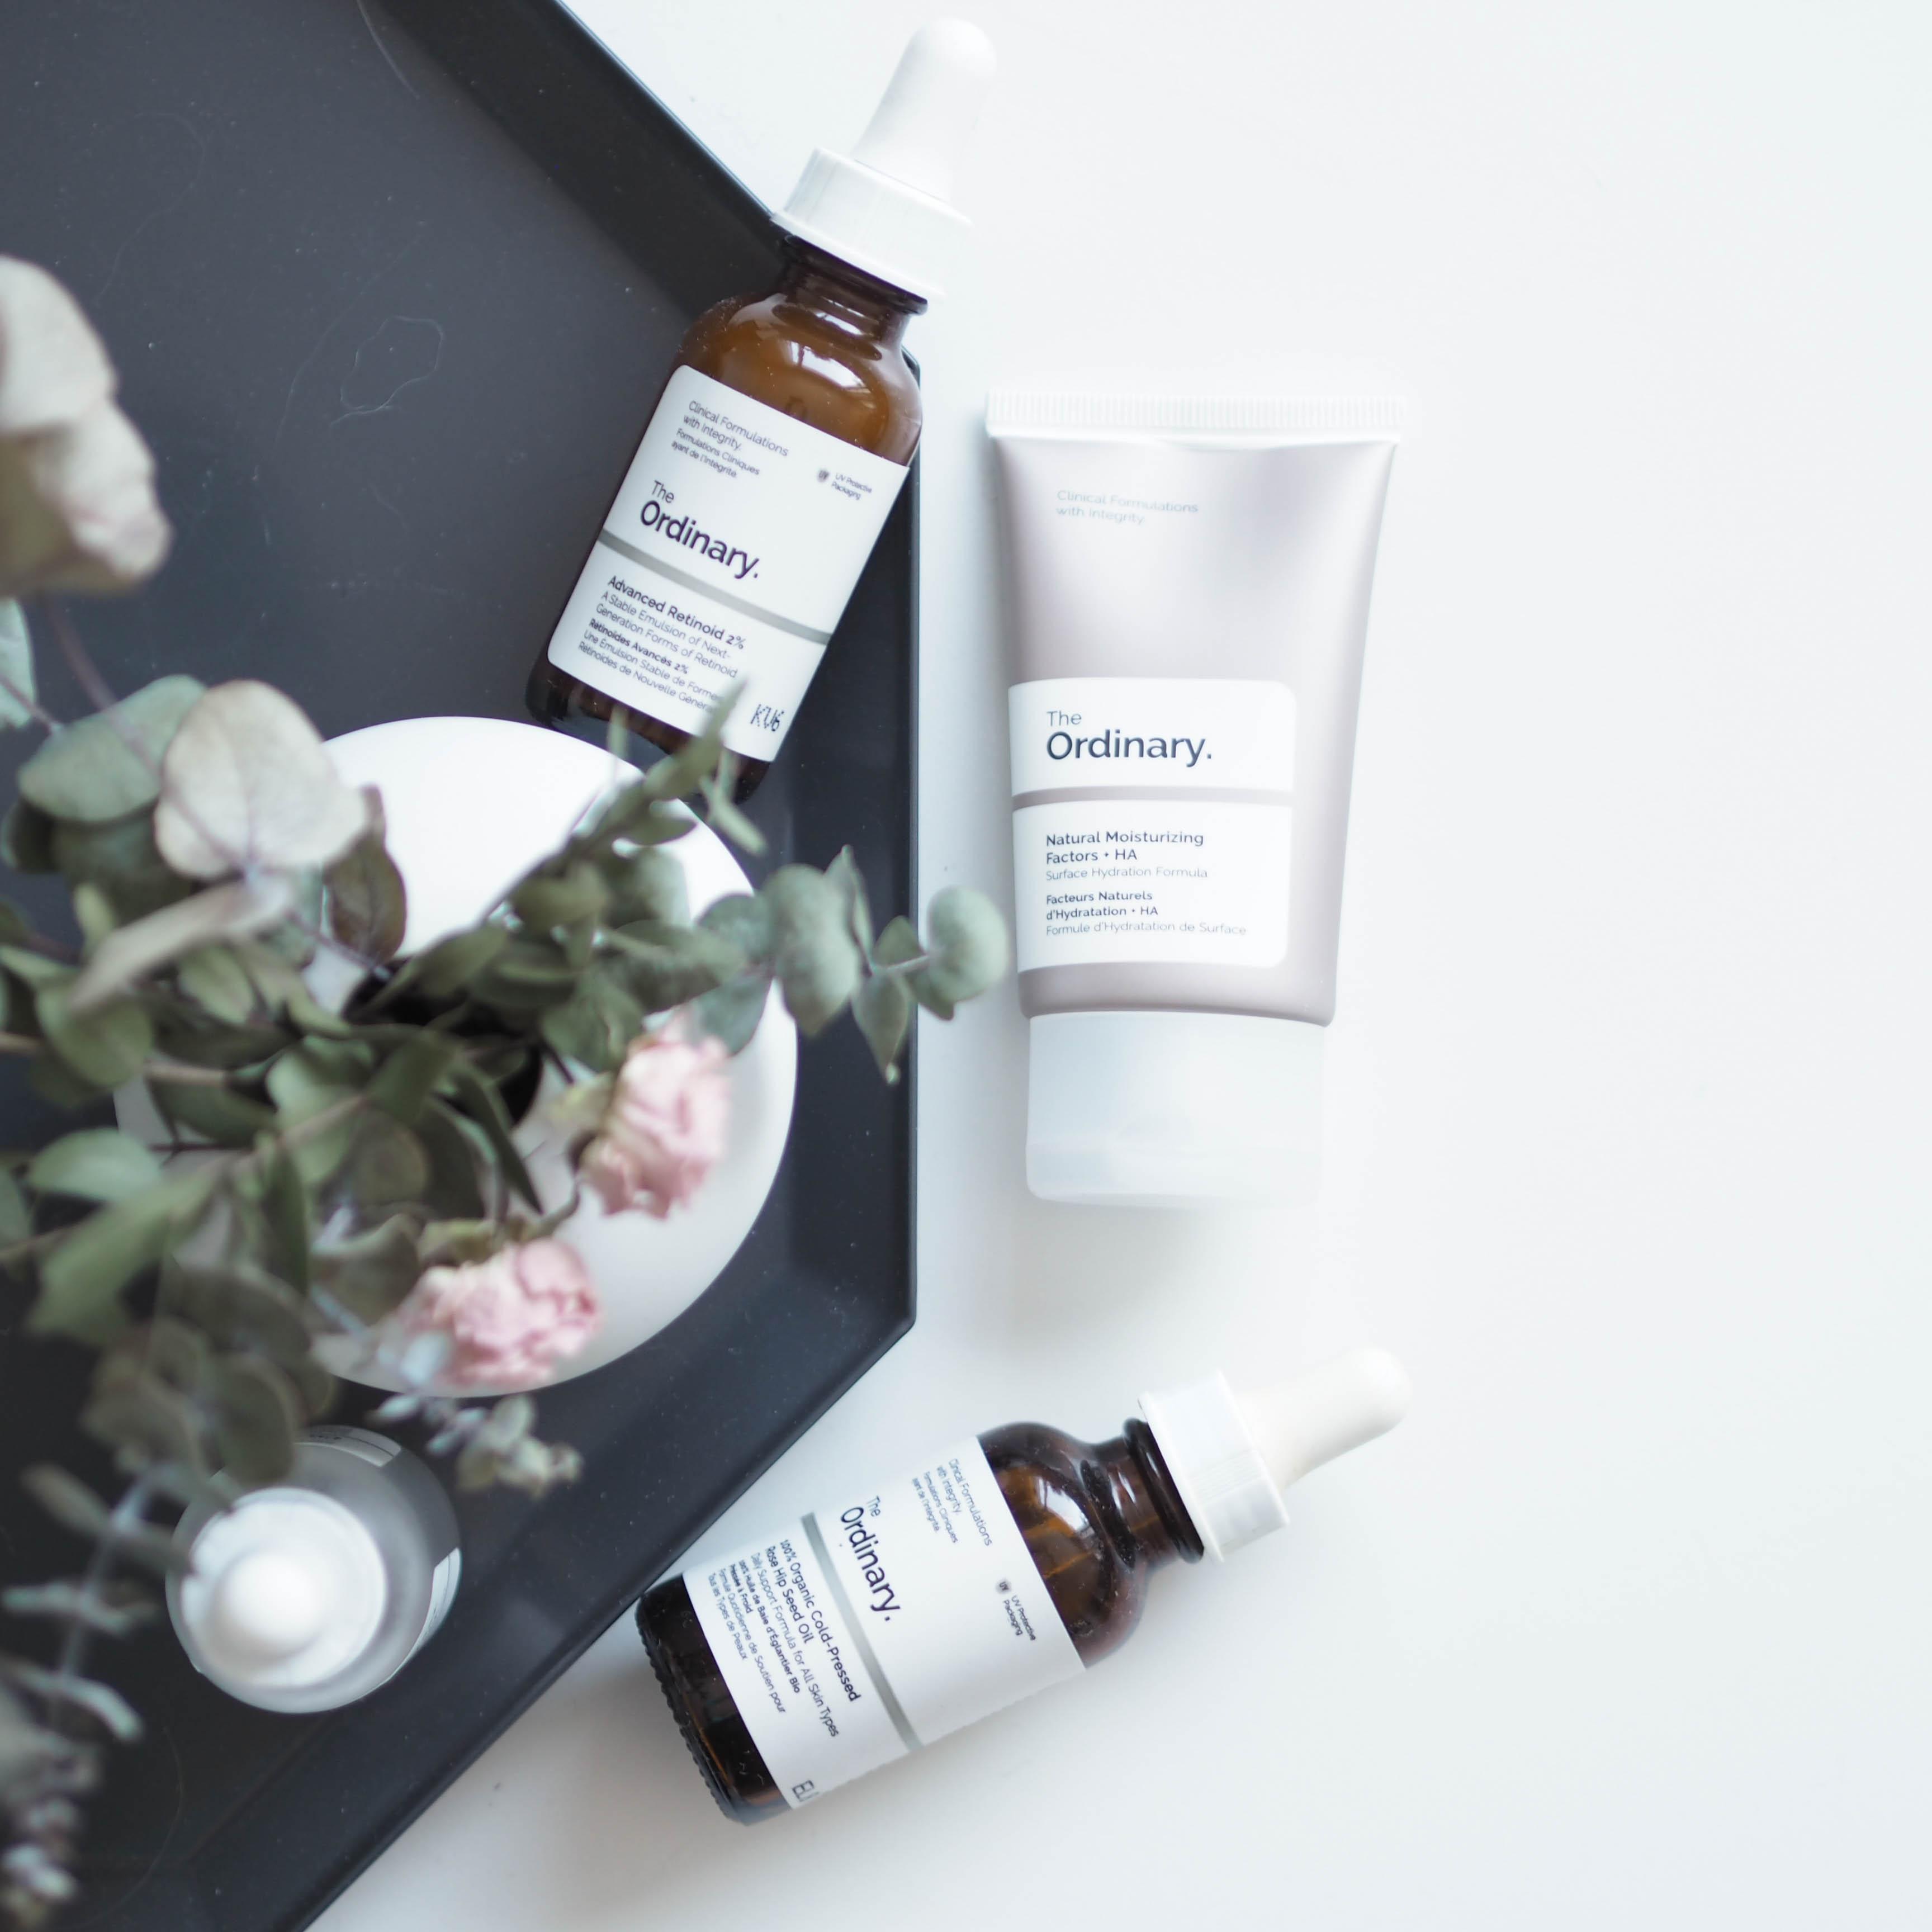 Draamaa kosmetiikan kulisseissa – onko brändin asenteella väliä?